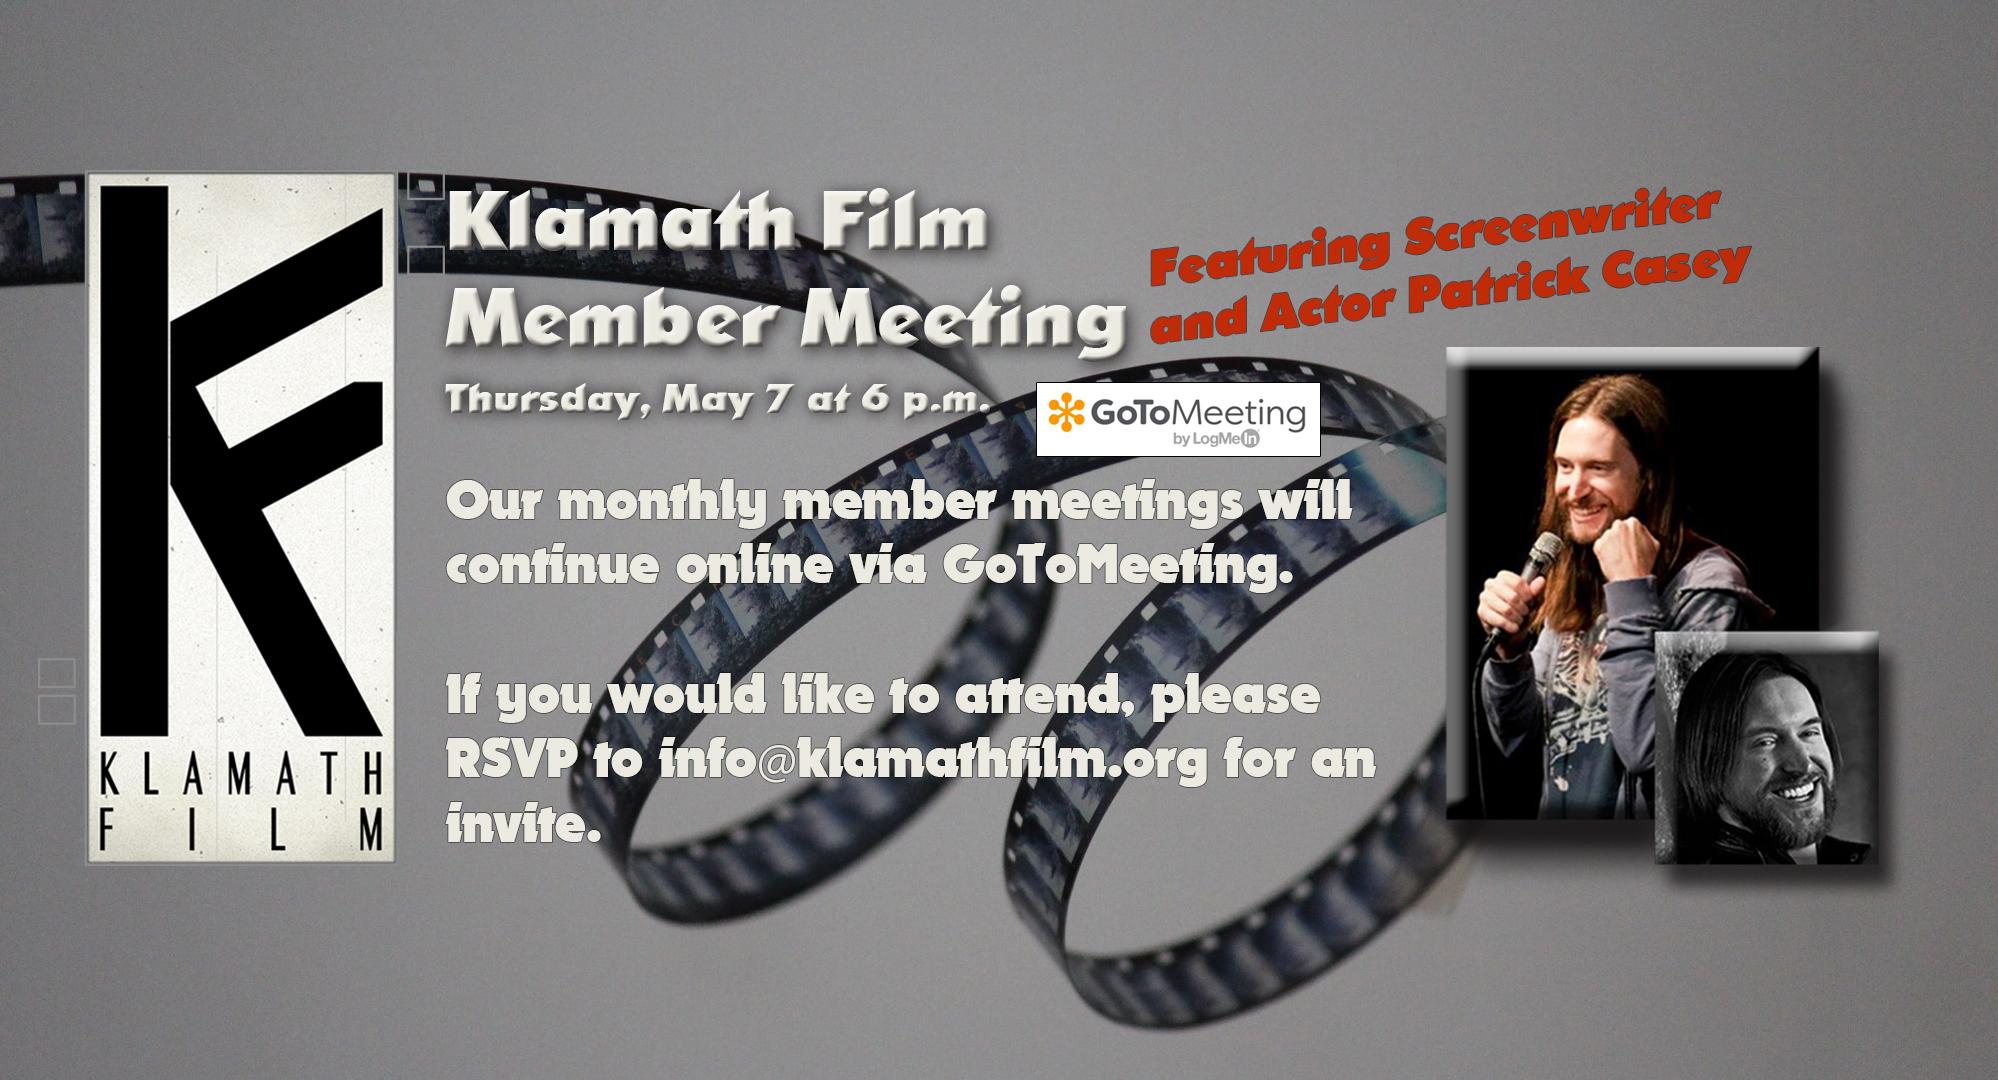 Klamath Film member meetings return in May